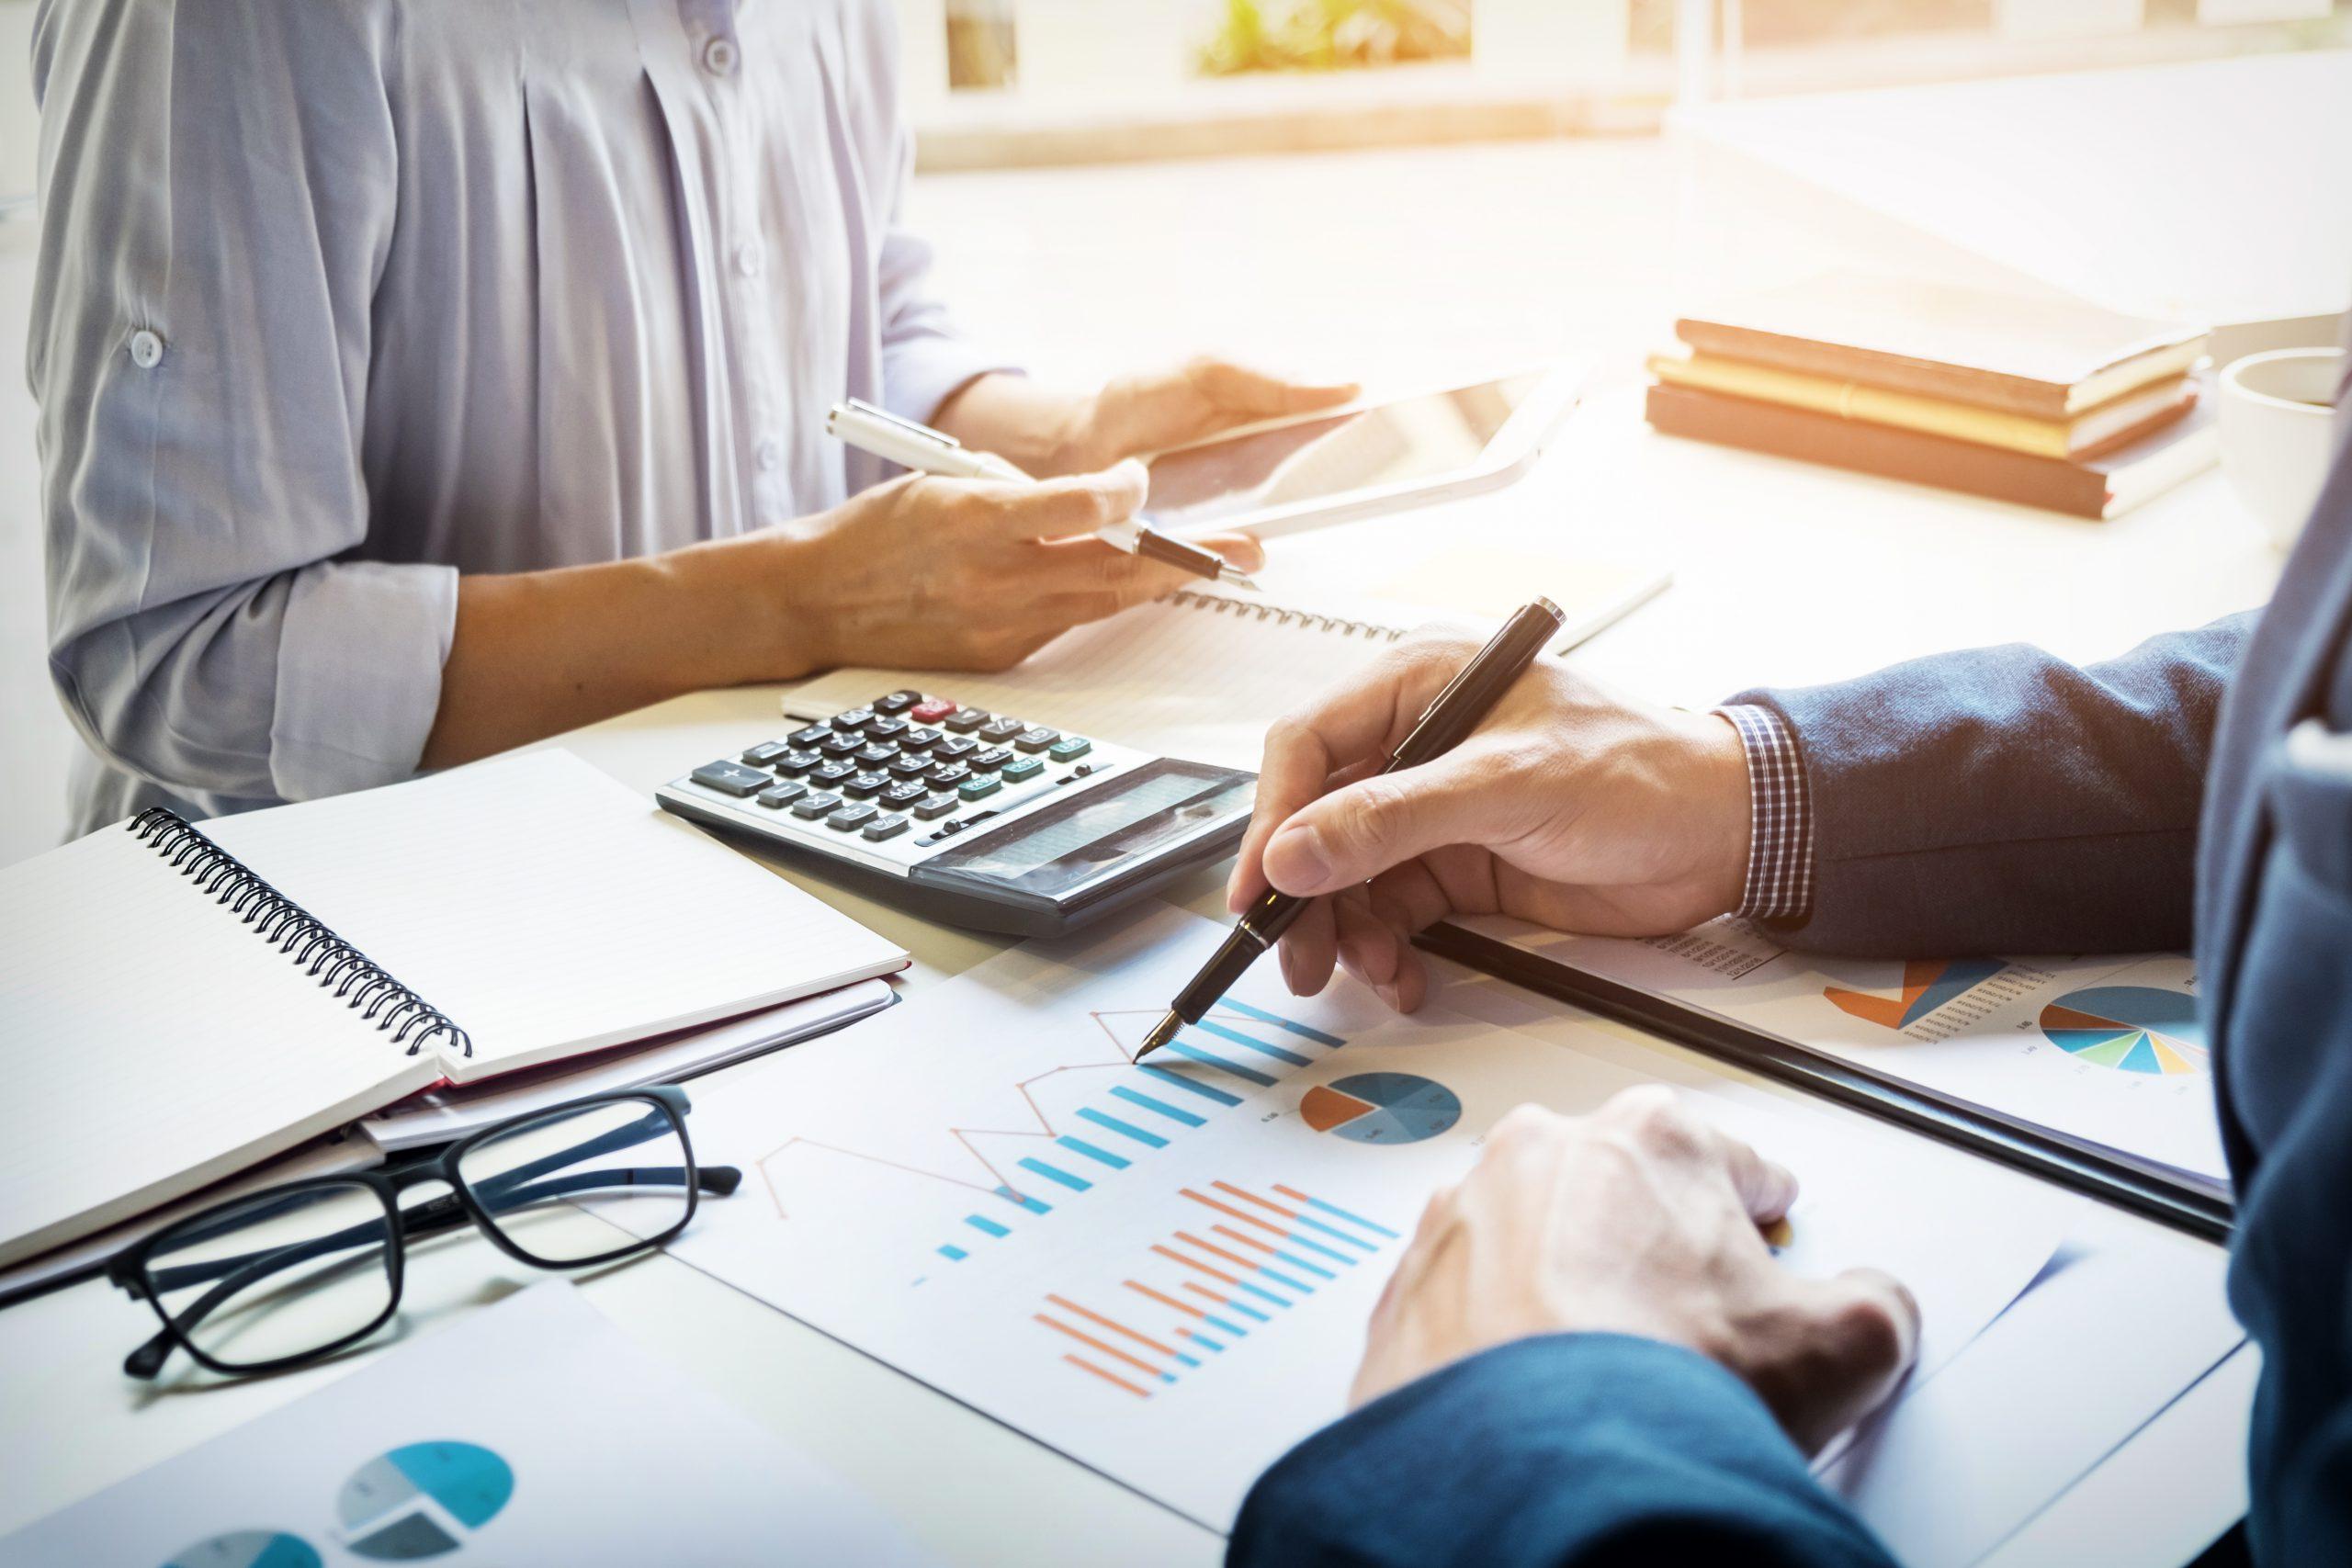 Pengertian, Contoh dan Manfaat Perusahaan Pembiayaan